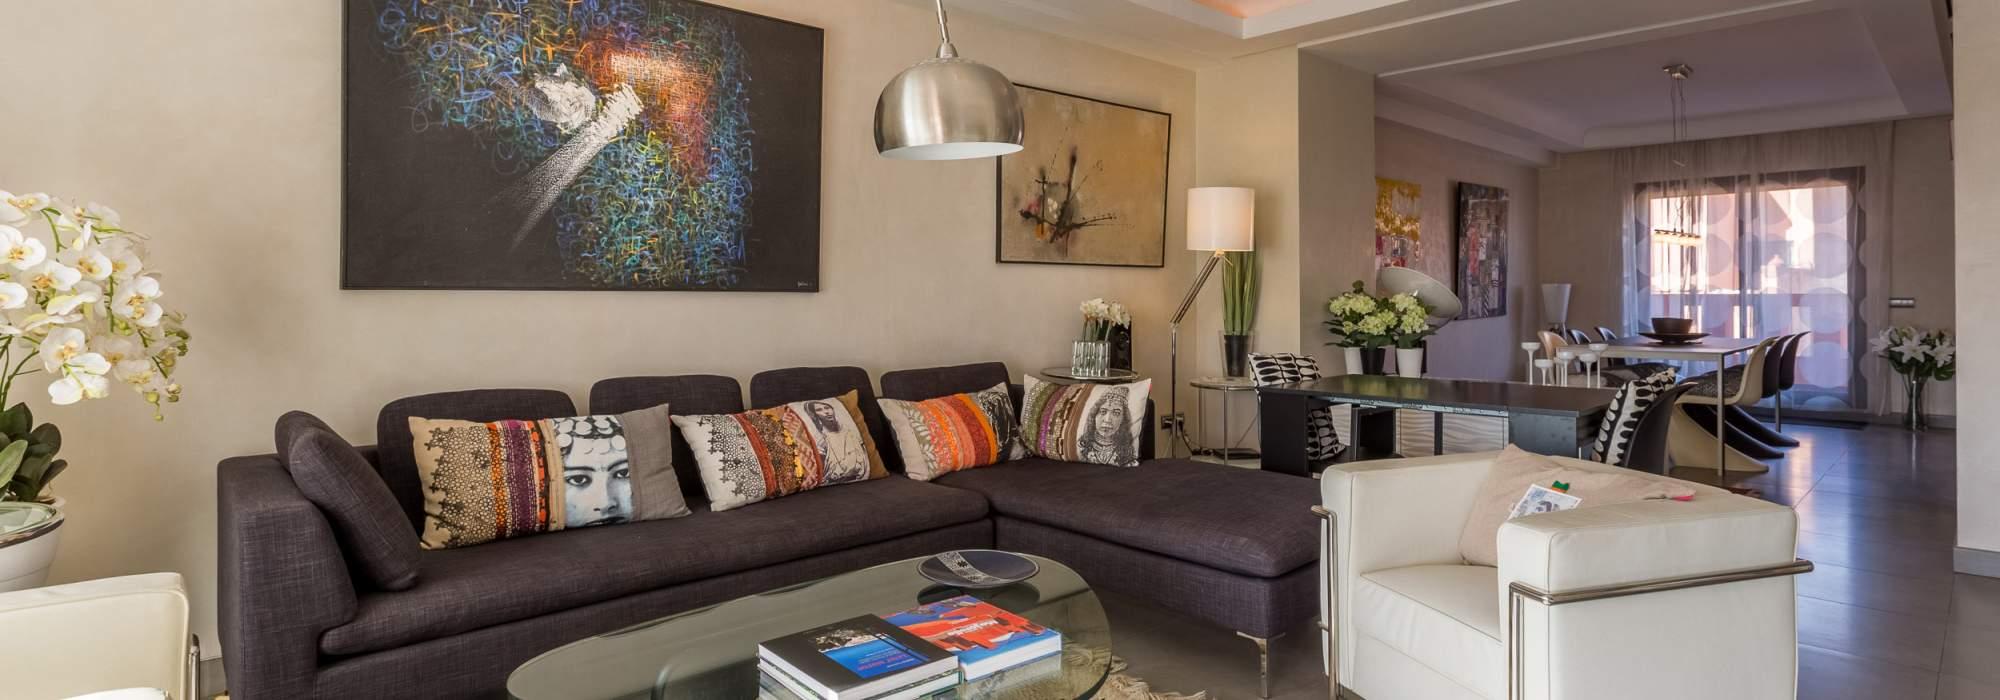 Somptueux Duplex a vendre  face au jardin Majorelle marrakech